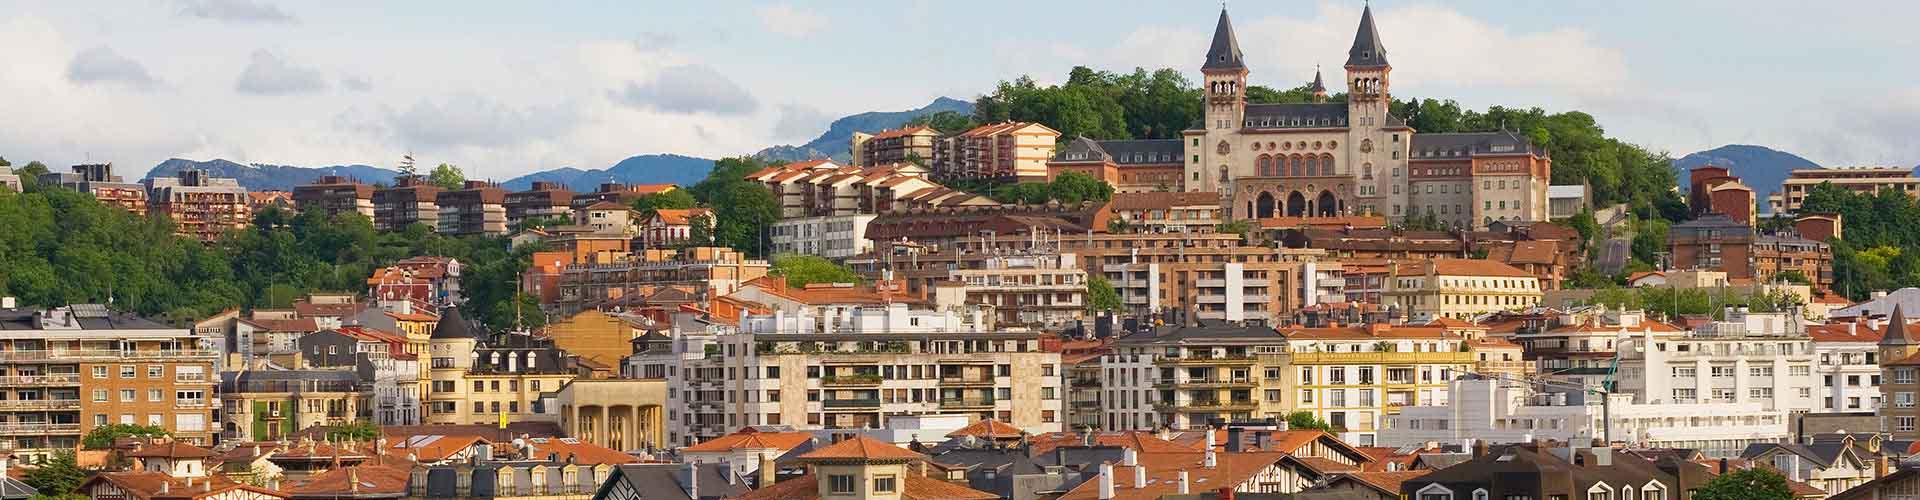 サンセバスティアン – ホステル サンセバスティアン. 地図 サンセバスティアン, すべてのホステルの写真とレビュー サンセバスティアン.